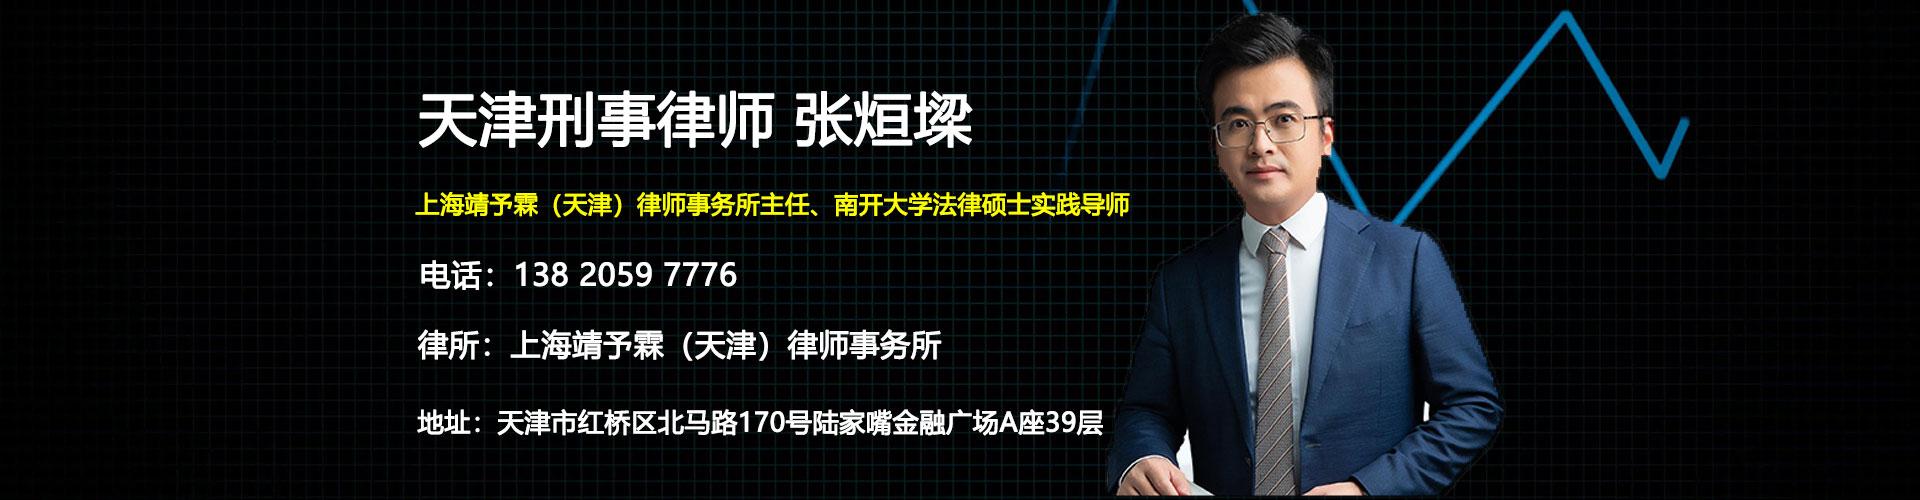 深圳劳动仲裁律师:专业从事劳动仲裁案例